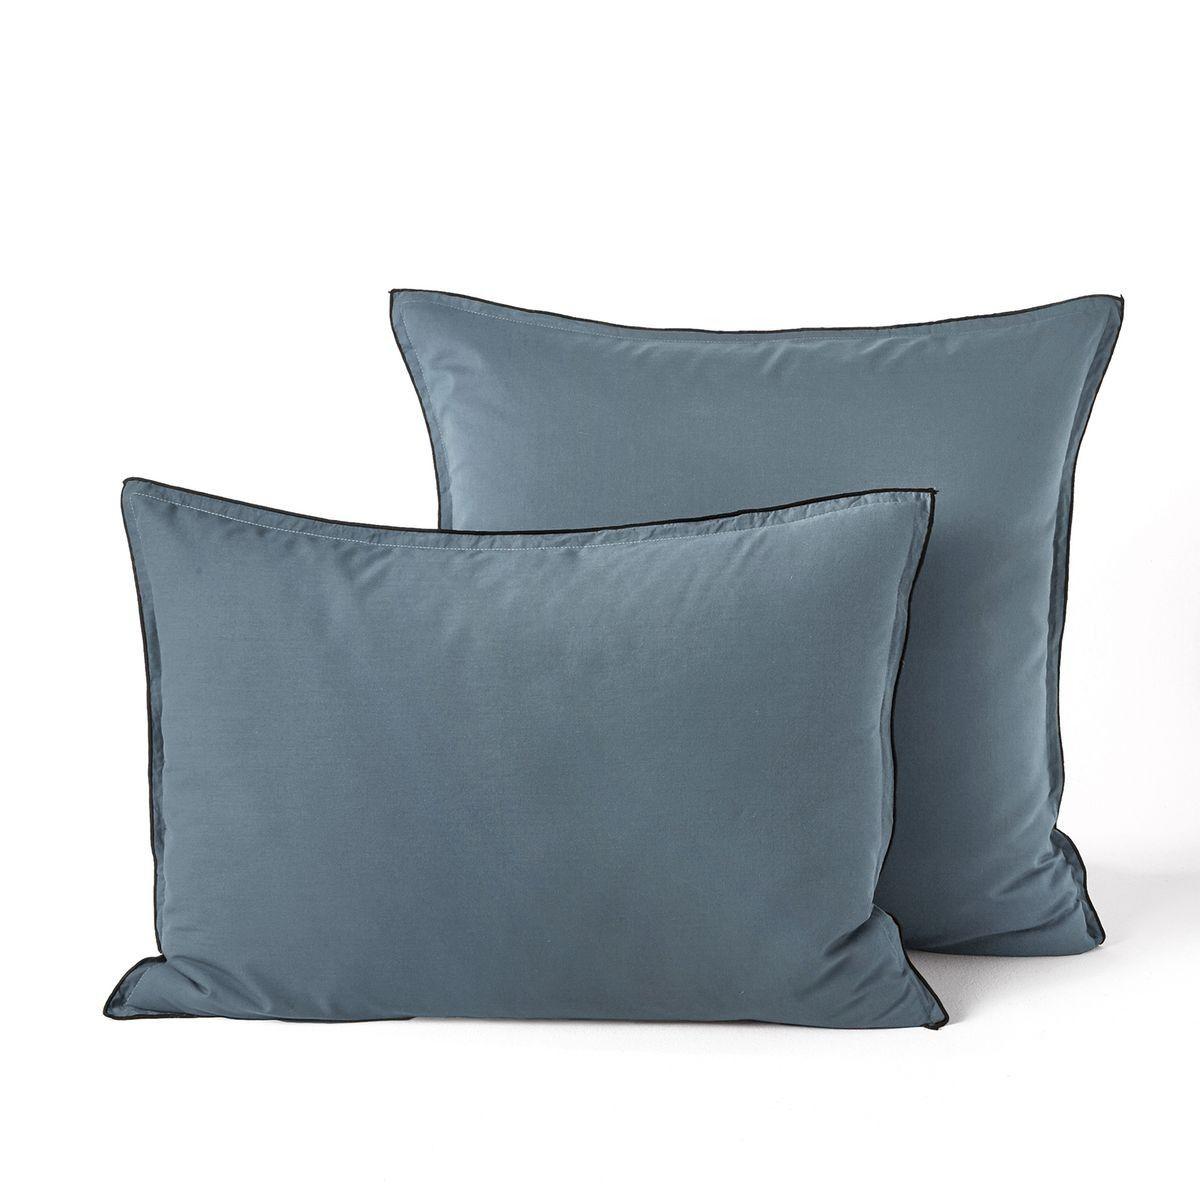 Taie D Oreiller Voile De Coton Lave Gypse Voile De Coton Taie D Oreiller Et Bleu Celadon